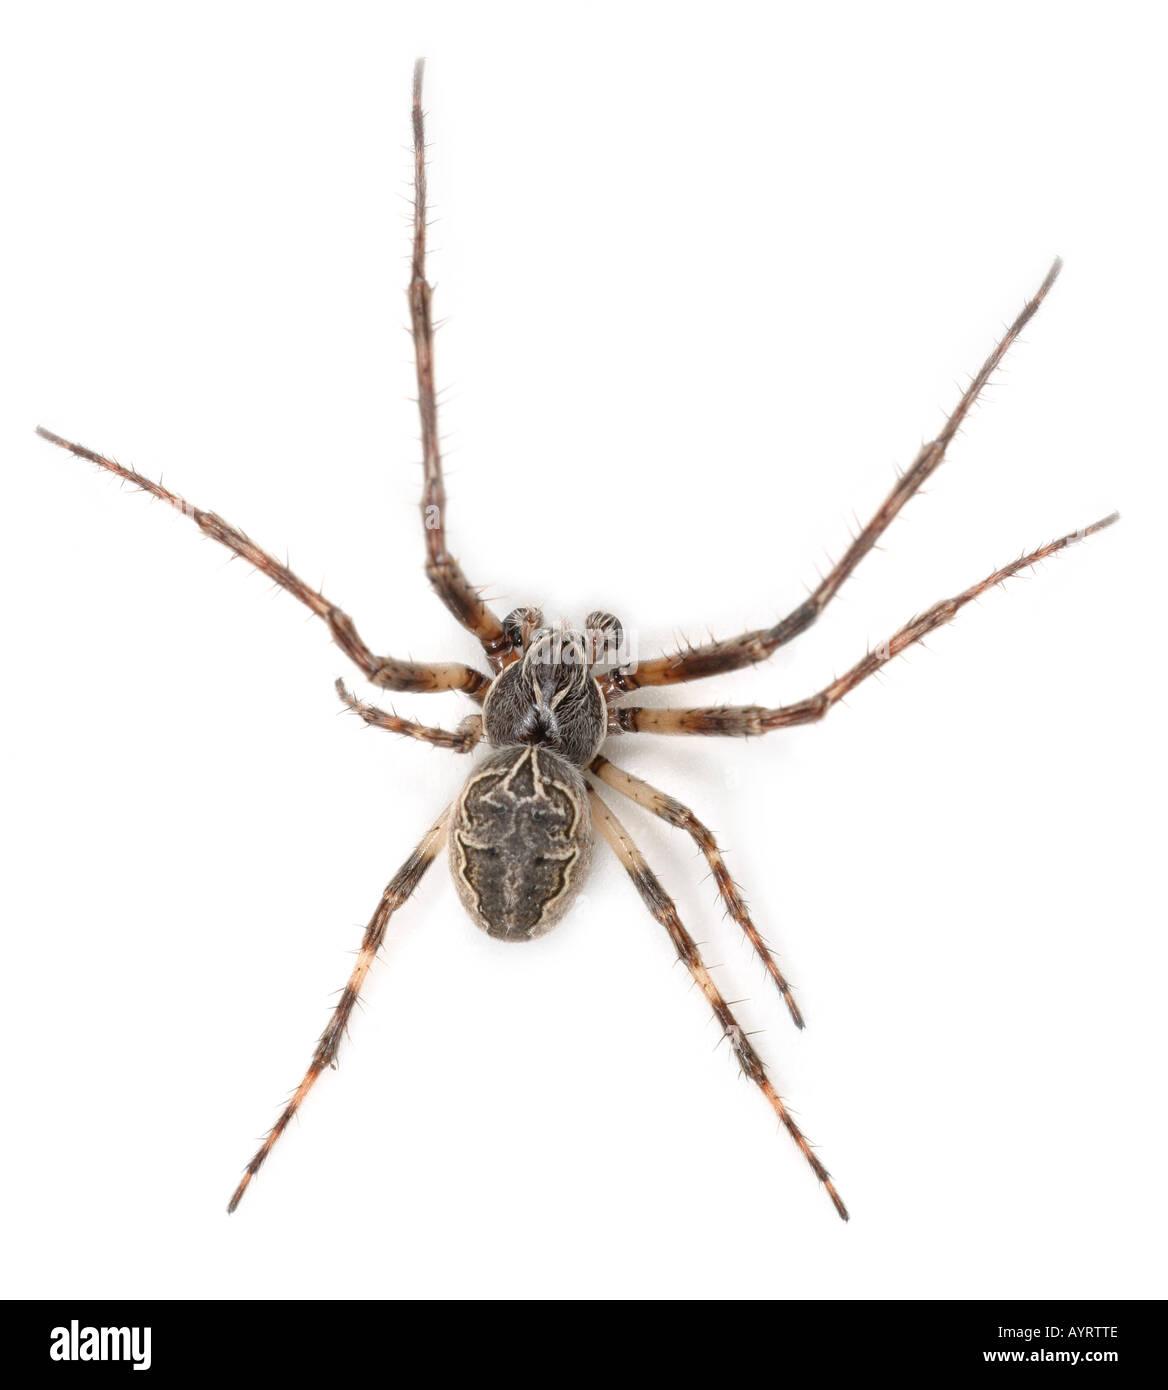 Larinioides  Sclopetarius spider on white background Stock Photo